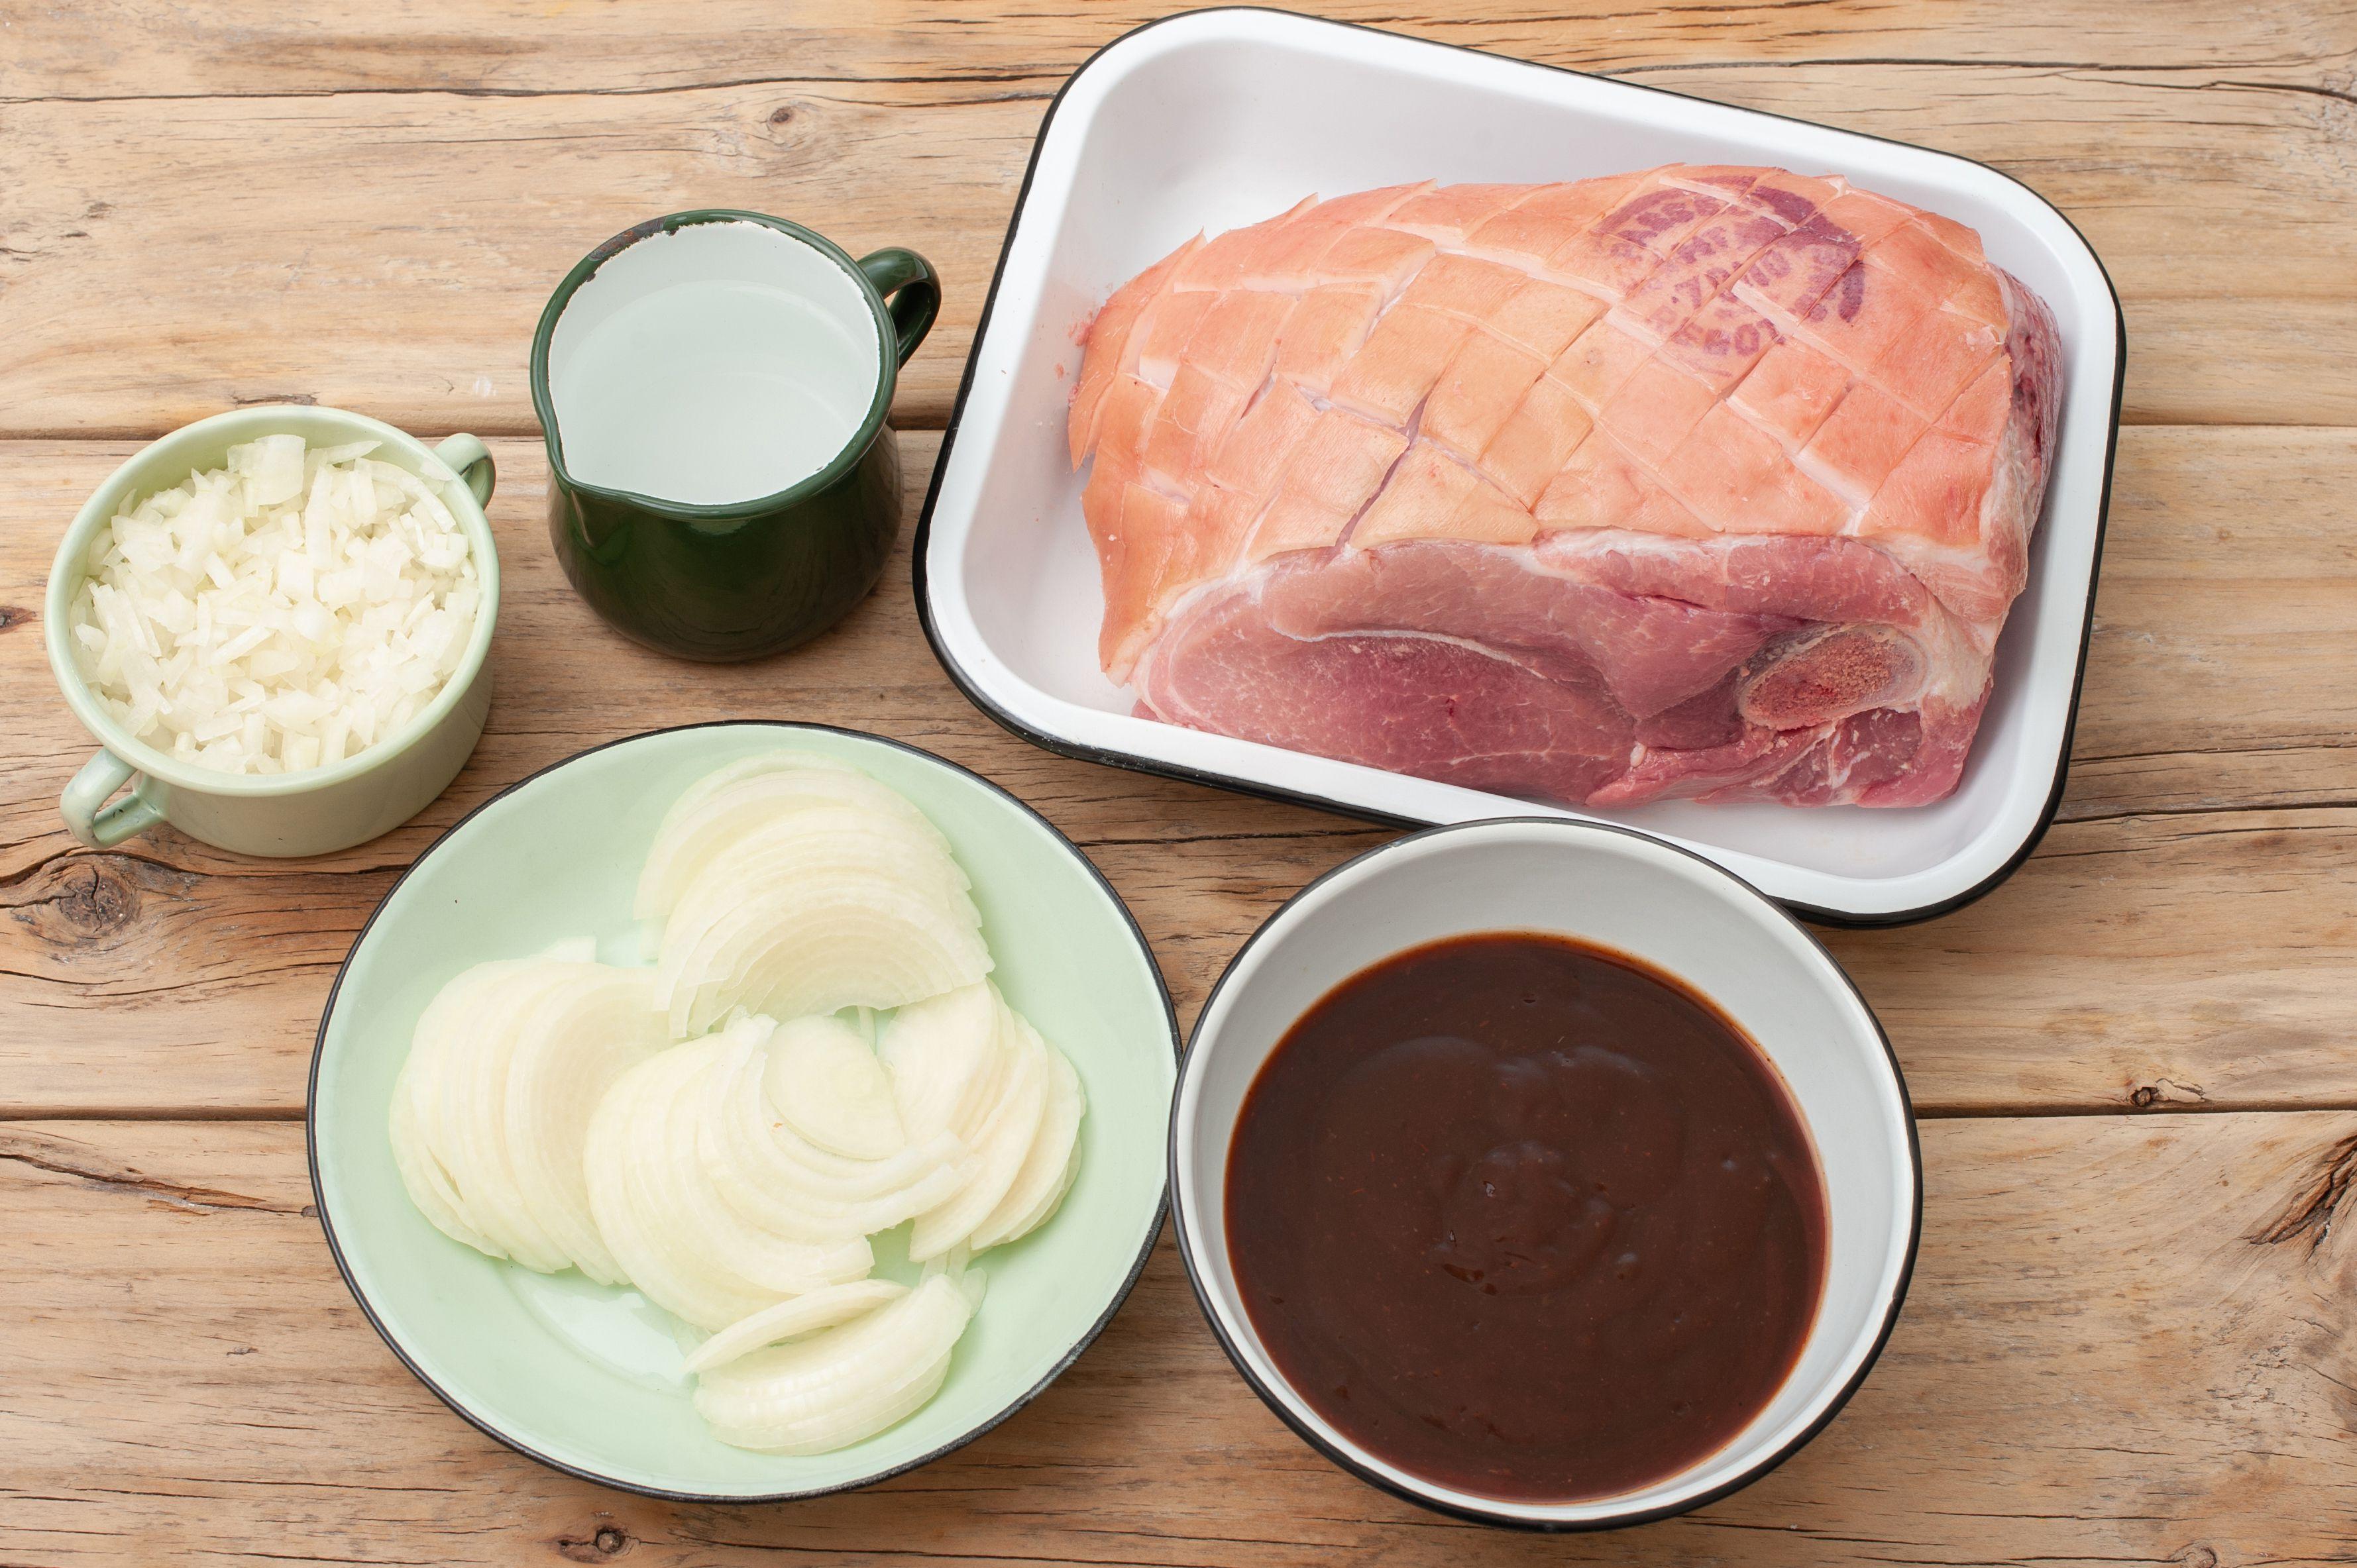 Ingredients for crock pot pulled pork